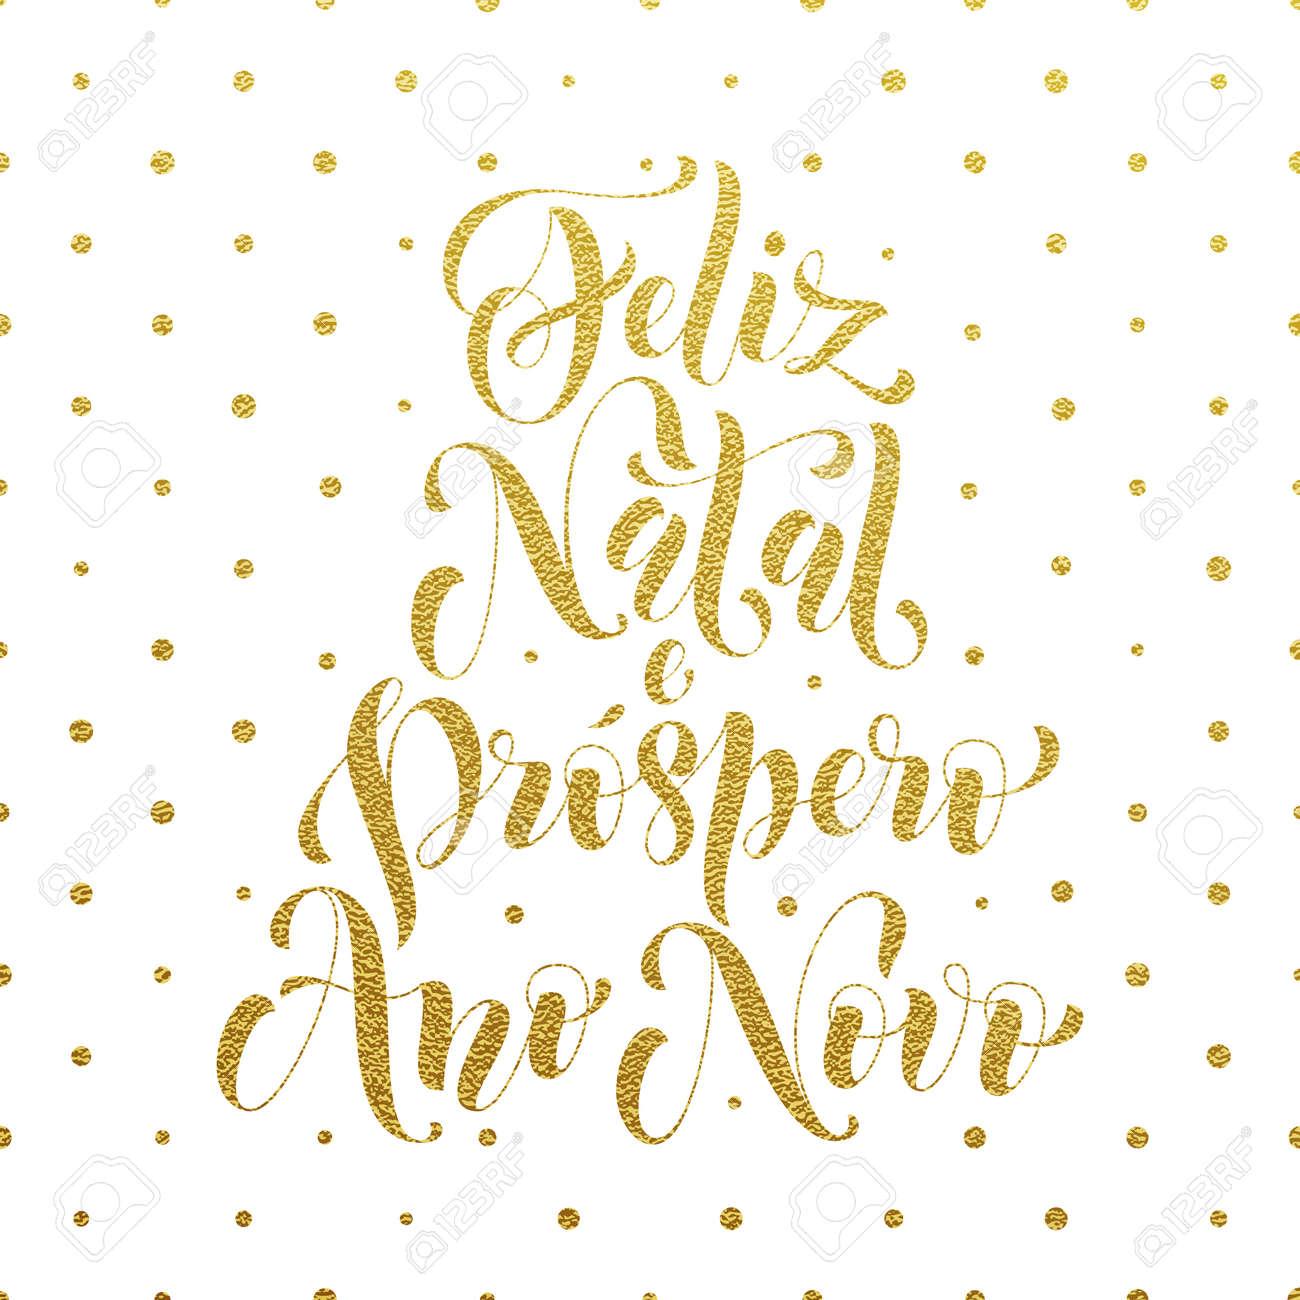 Feliz natal e prospero ano novo gold glitter greeting for portuguese feliz natal e prospero ano novo gold glitter greeting for portuguese brazilian ano novo m4hsunfo